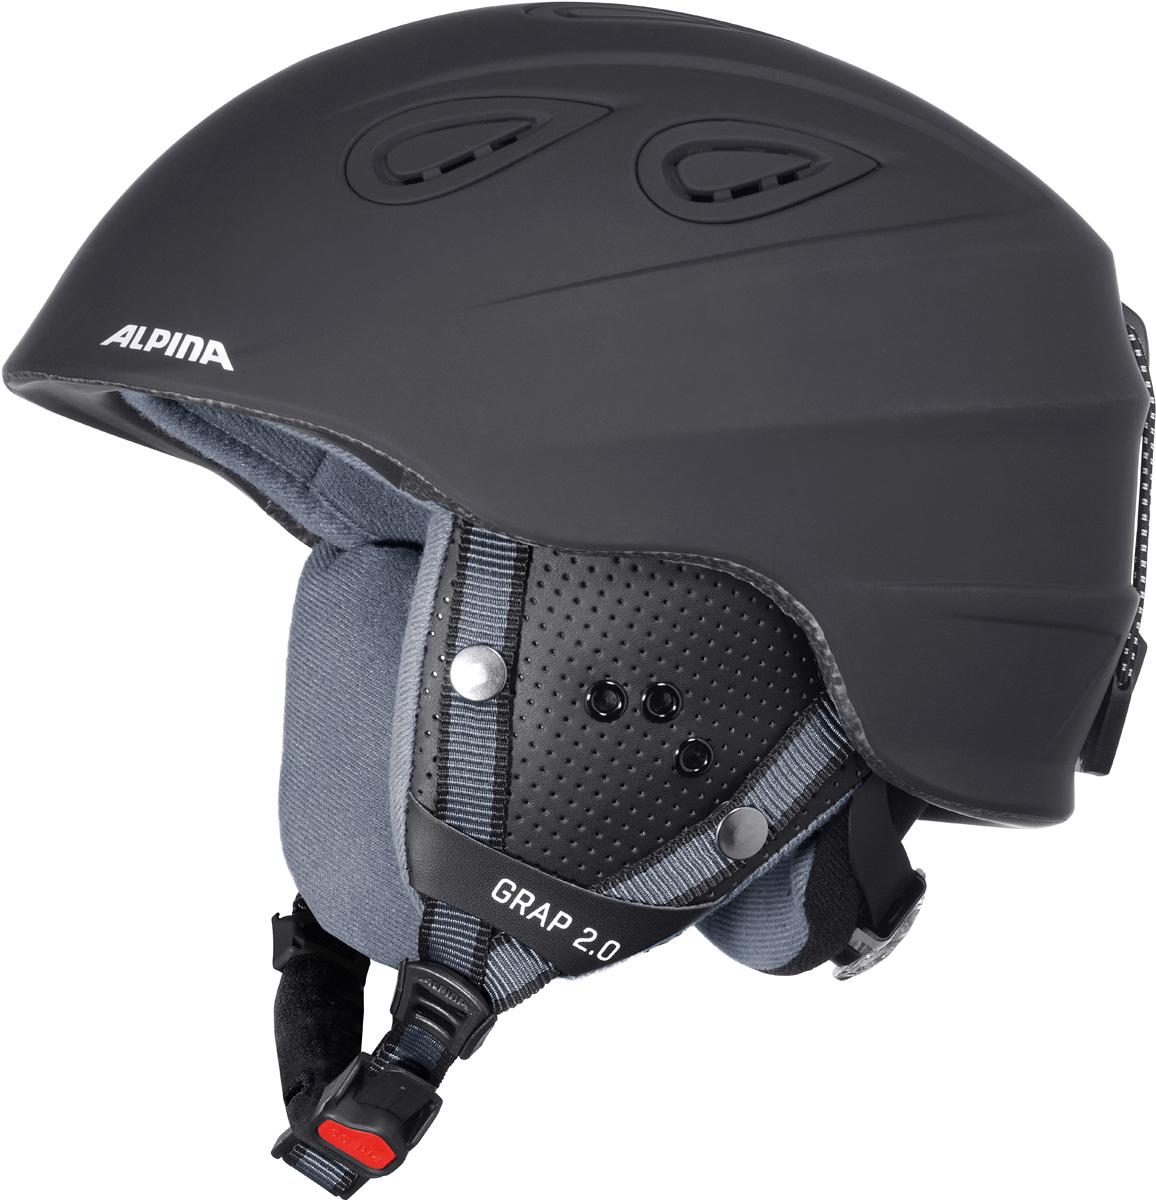 Шлем горнолыжный Alpina Grap 2.0, цвет: черный. A9085_33. Размер 61-64A9085_33Во всем мире популярность горнолыжного шлема Grap лишь набирает обороты. Alpina представляет обновленную версию самой продаваемой модели. Шлем Grap 2.0 сохранил отличительные особенности предыдущей модели и приобрел новые, за которые его выбирают райдеры по всему миру. Универсальность, легкость и прочность сделали его обязательным элементом экипировки любителей горнолыжного спорта. Модель также представлена в детской линейке шлемов.Технологии:• Конструкция In-Mold - соединение внутреннего слоя из EPS (вспененного полистирола) с внешним покрытием под большим давлением в условиях высокой температуры. В результате внешняя поликарбонатная оболочка сохраняет форму конструкции, предотвращая поломку и попадание осколков внутрь шлема, а внутренний слой Hi-EPS, состоящий из множества наполненных воздухом гранул, амортизирует ударную волну, защищая голову райдера от повреждений.• Внешнее покрытие Ceramic Shell обеспечивает повышенную ударопрочность и износостойкость, а также обладает защитой от УФ-излучений, препятствующей выгоранию на солнце, и антистатичными свойствами.• Съемный внутренний тканевый слой. Подкладку можно постирать и легко вставить обратно. Своевременный уход за «внутренником» предотвращает появление неприятного запаха.• Вентиляционная система с раздвижным механизмом с возможностью регулировки интенсивности потока воздуха.• Классическая система регулировки в шлемах Alpina Run System с регулировочным кольцом на затылке позволяет быстро и легко подобрать оптимальную и комфортную плотность посадки на голове.• Съемные ушки согревают в холодную погоду, а в теплую компактно хранятся в кармане куртки.• Шейный воротник из микрофлиса в задней части шлема быстро согревает и не давит на шею.• Ремешок фиксируется кнопкой с запирающим механизмом. Застежка максимально удобна для использования в перчатках.• Система Edge Protect в конструкции шлема защищает голову горнолыжника при боковом ударе.• С